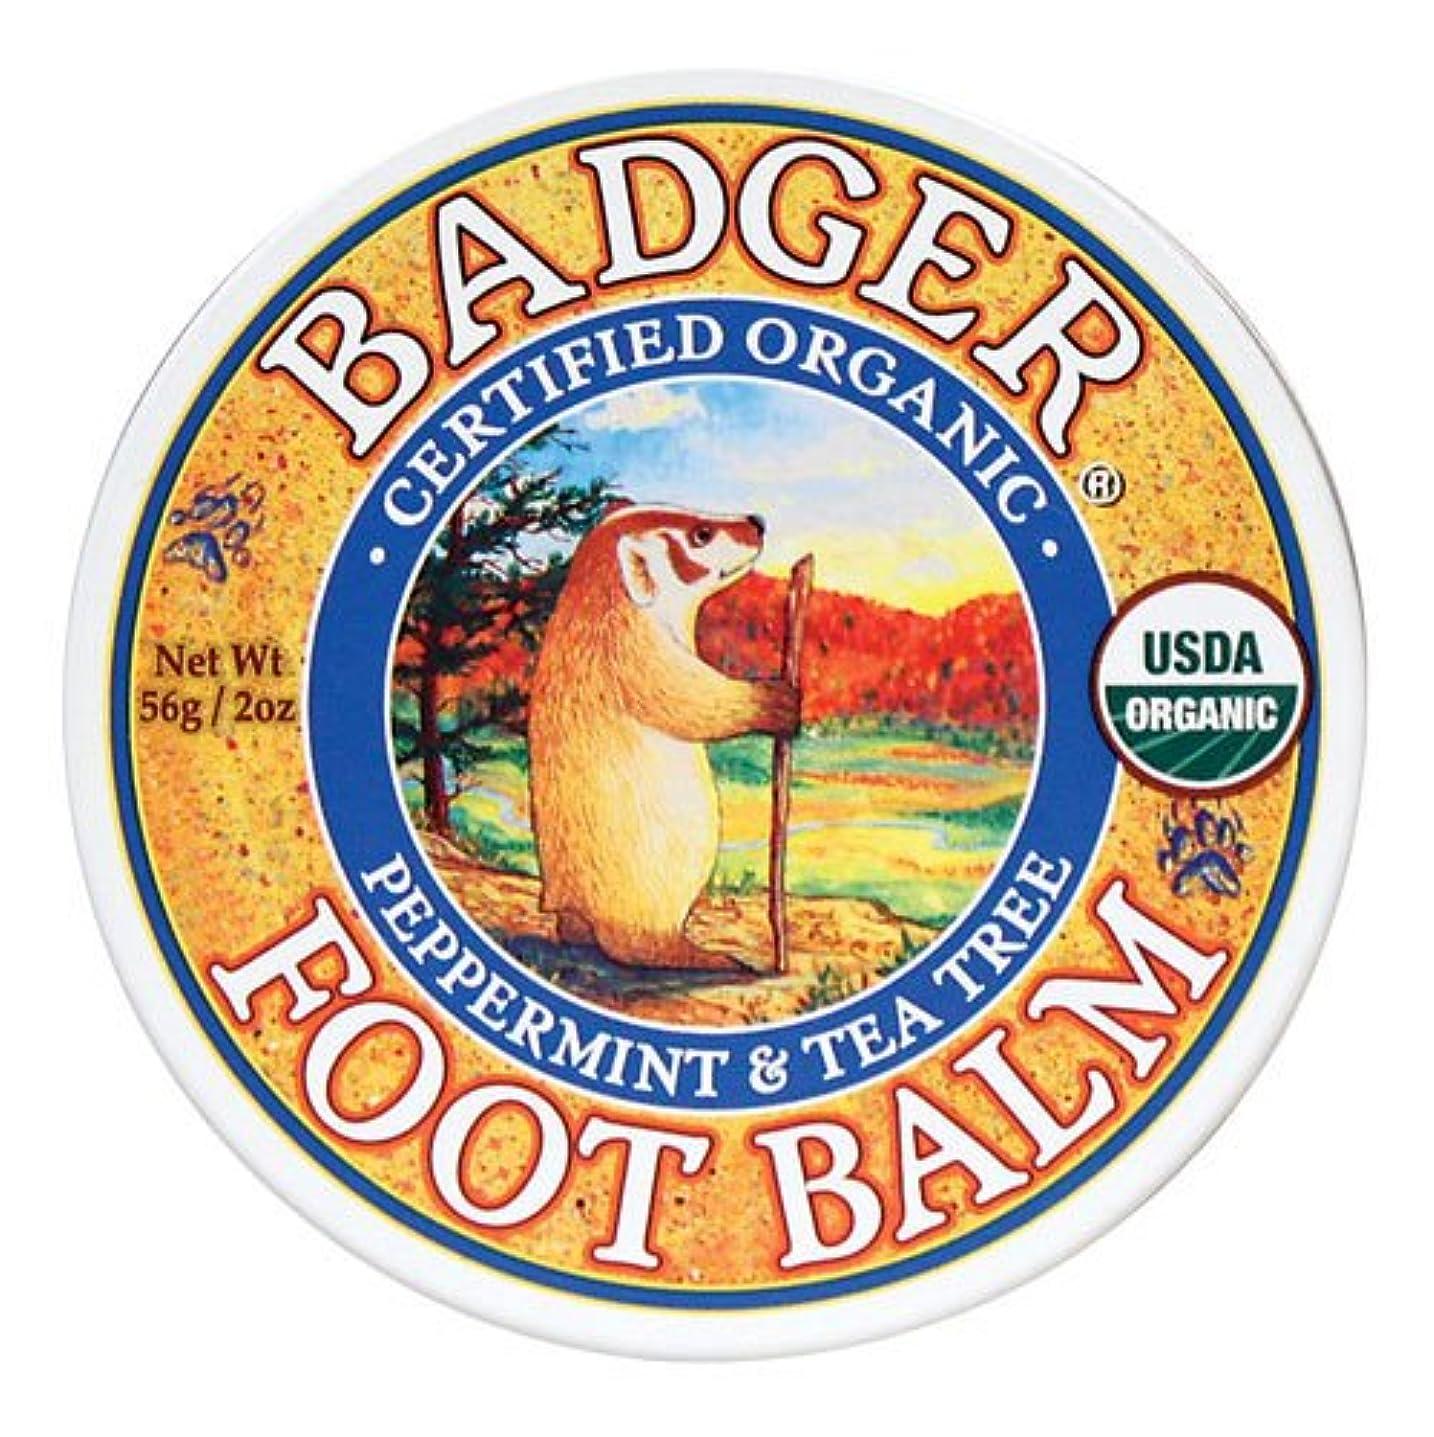 Badger バジャー オーガニックフットクリーム ペパーミント & ティーツリー 56g【海外直送品】【並行輸入品】